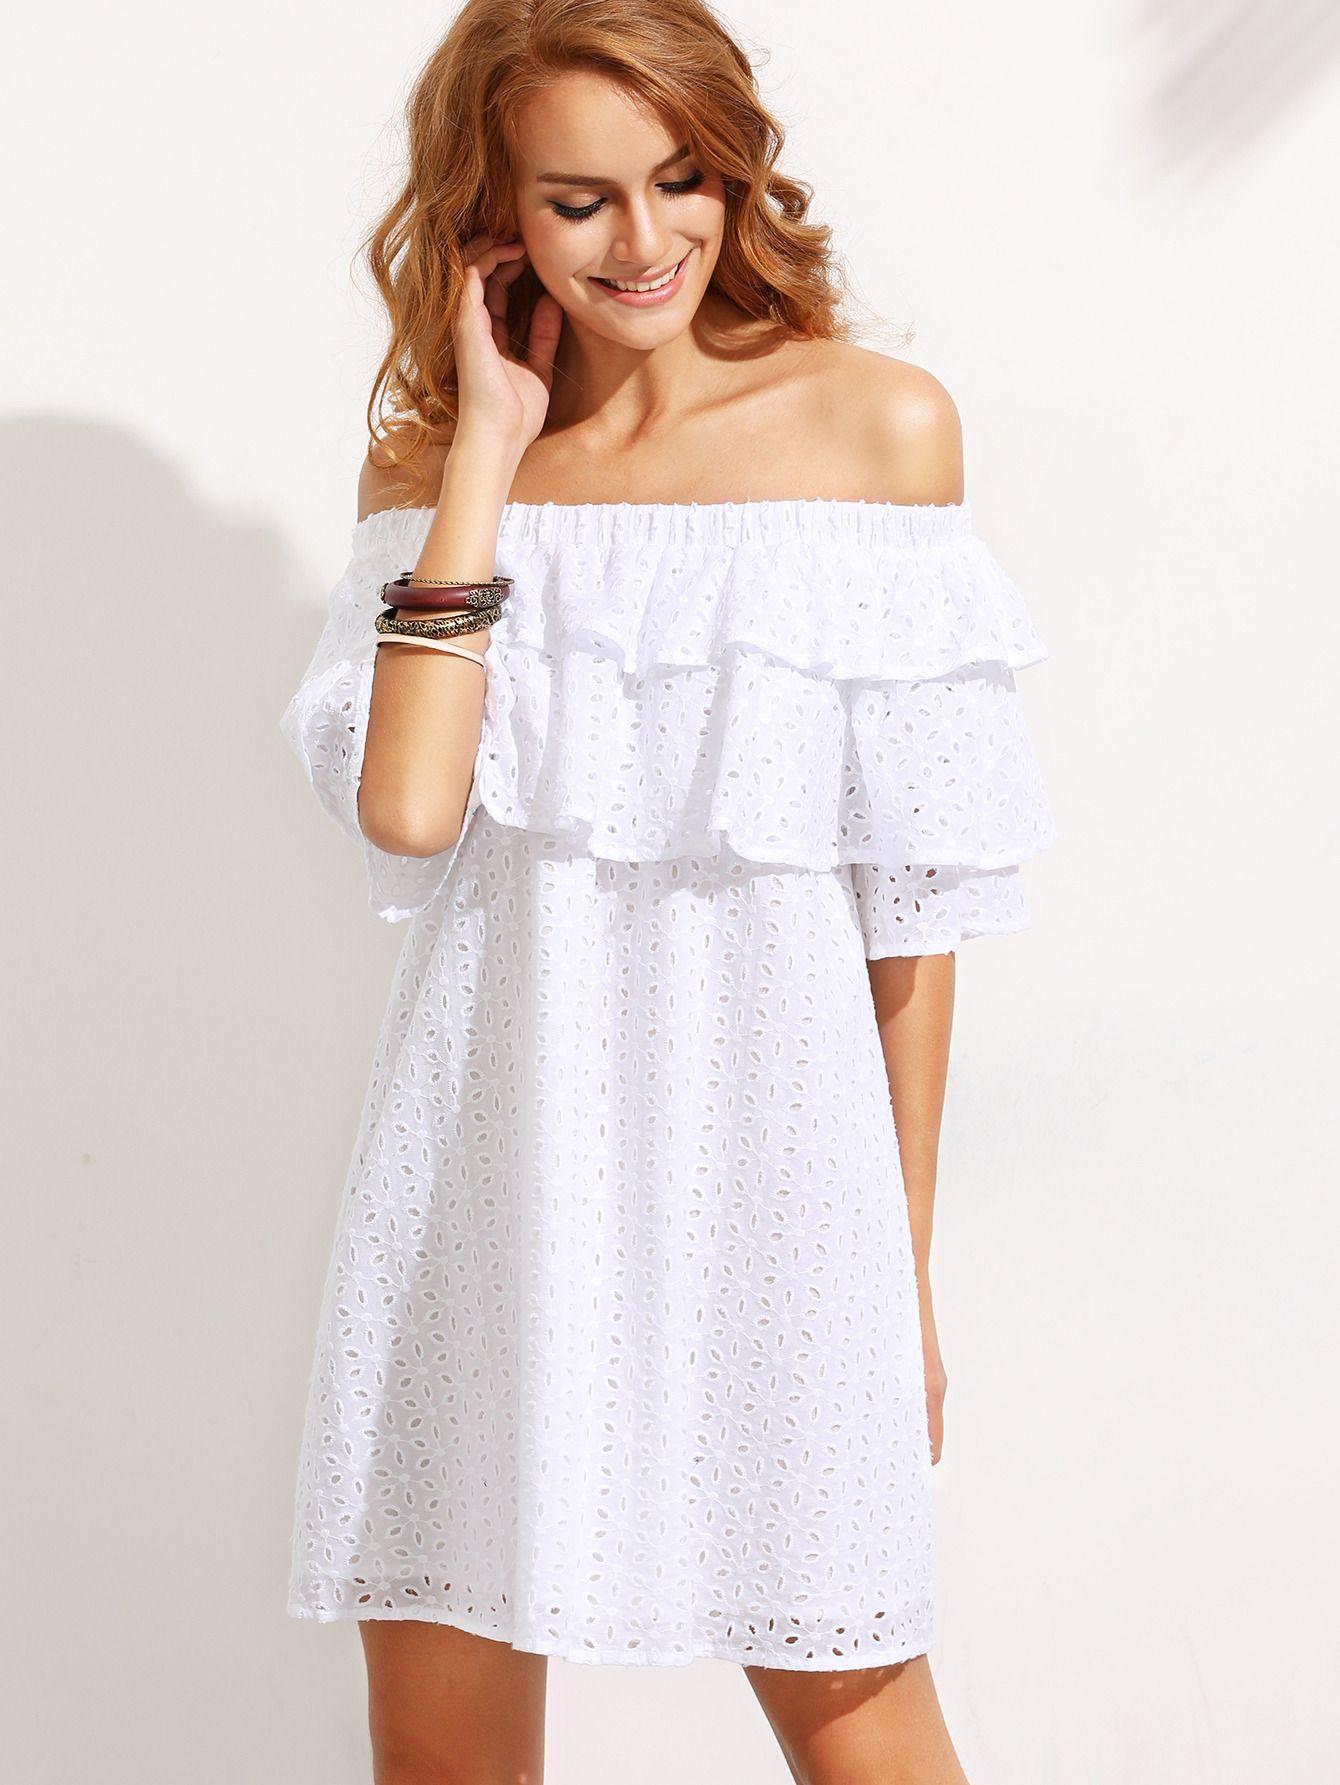 8b1304c31643 Shop White Ruffle Off The Shoulder Shift Dress online. SheIn offers White  Ruffle…